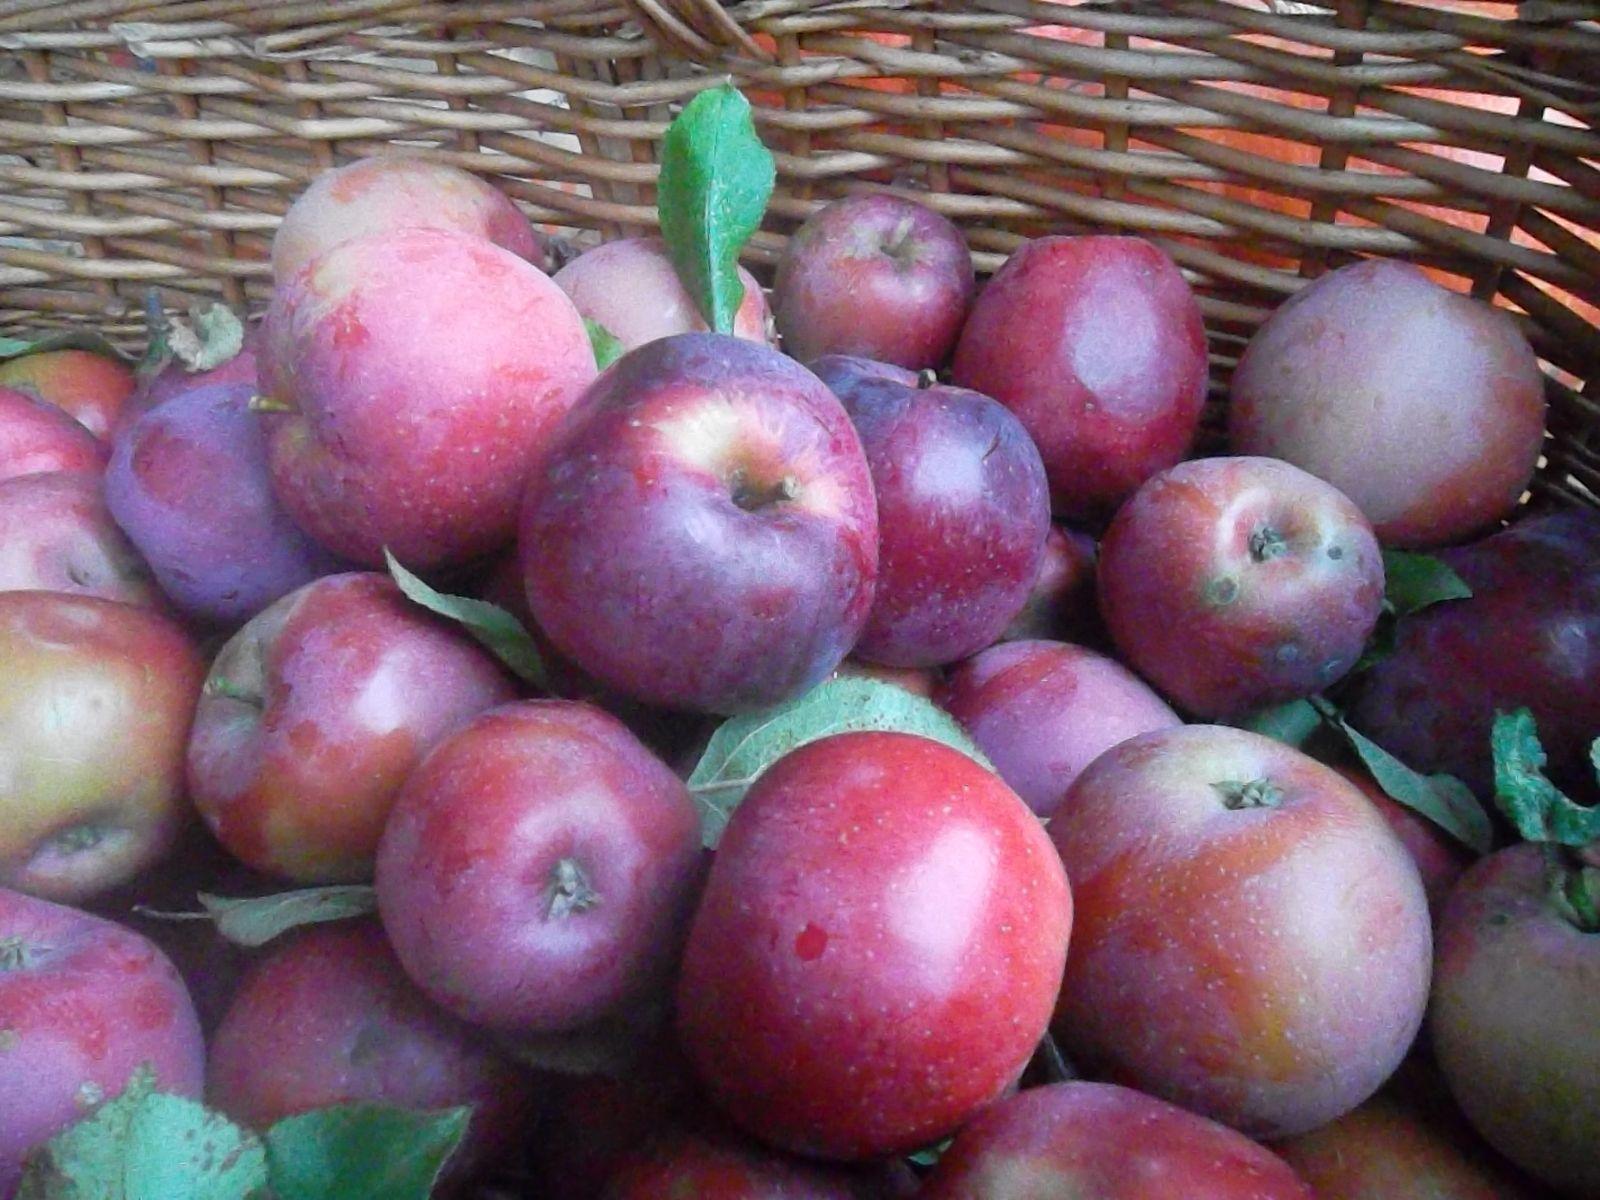 Pommes : cédez à la tentation… pour votre beauté !